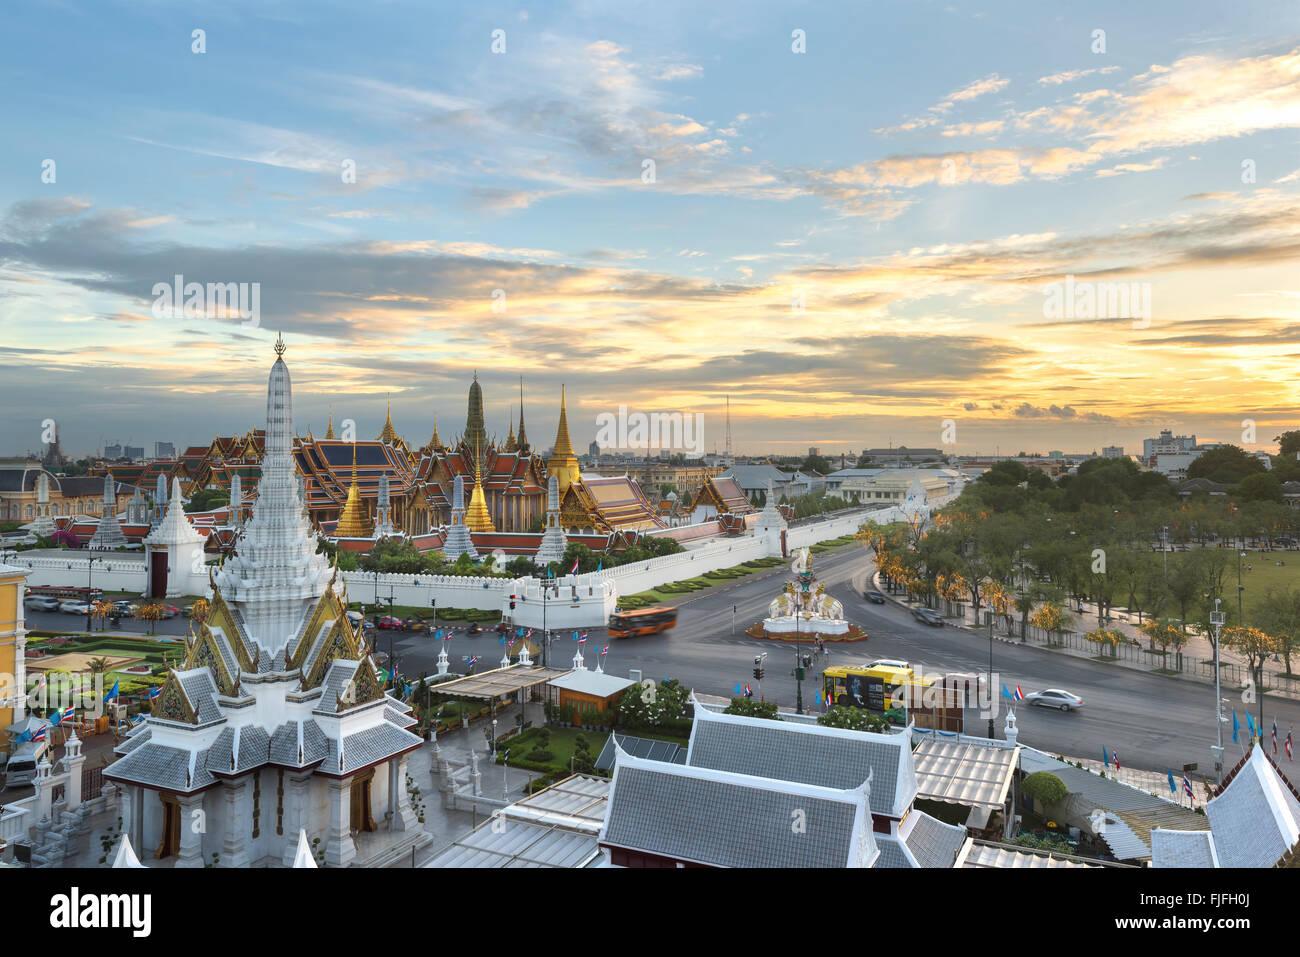 Grand palace and Wat phra keaw at sunset bangkok, Thailand - Stock Image